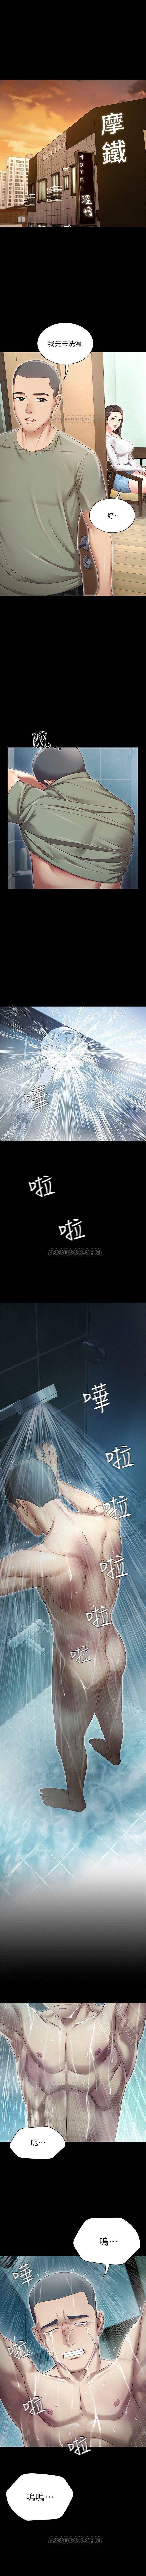 (周6)妹妹的义务 1-13 中文翻译(更新中) 4